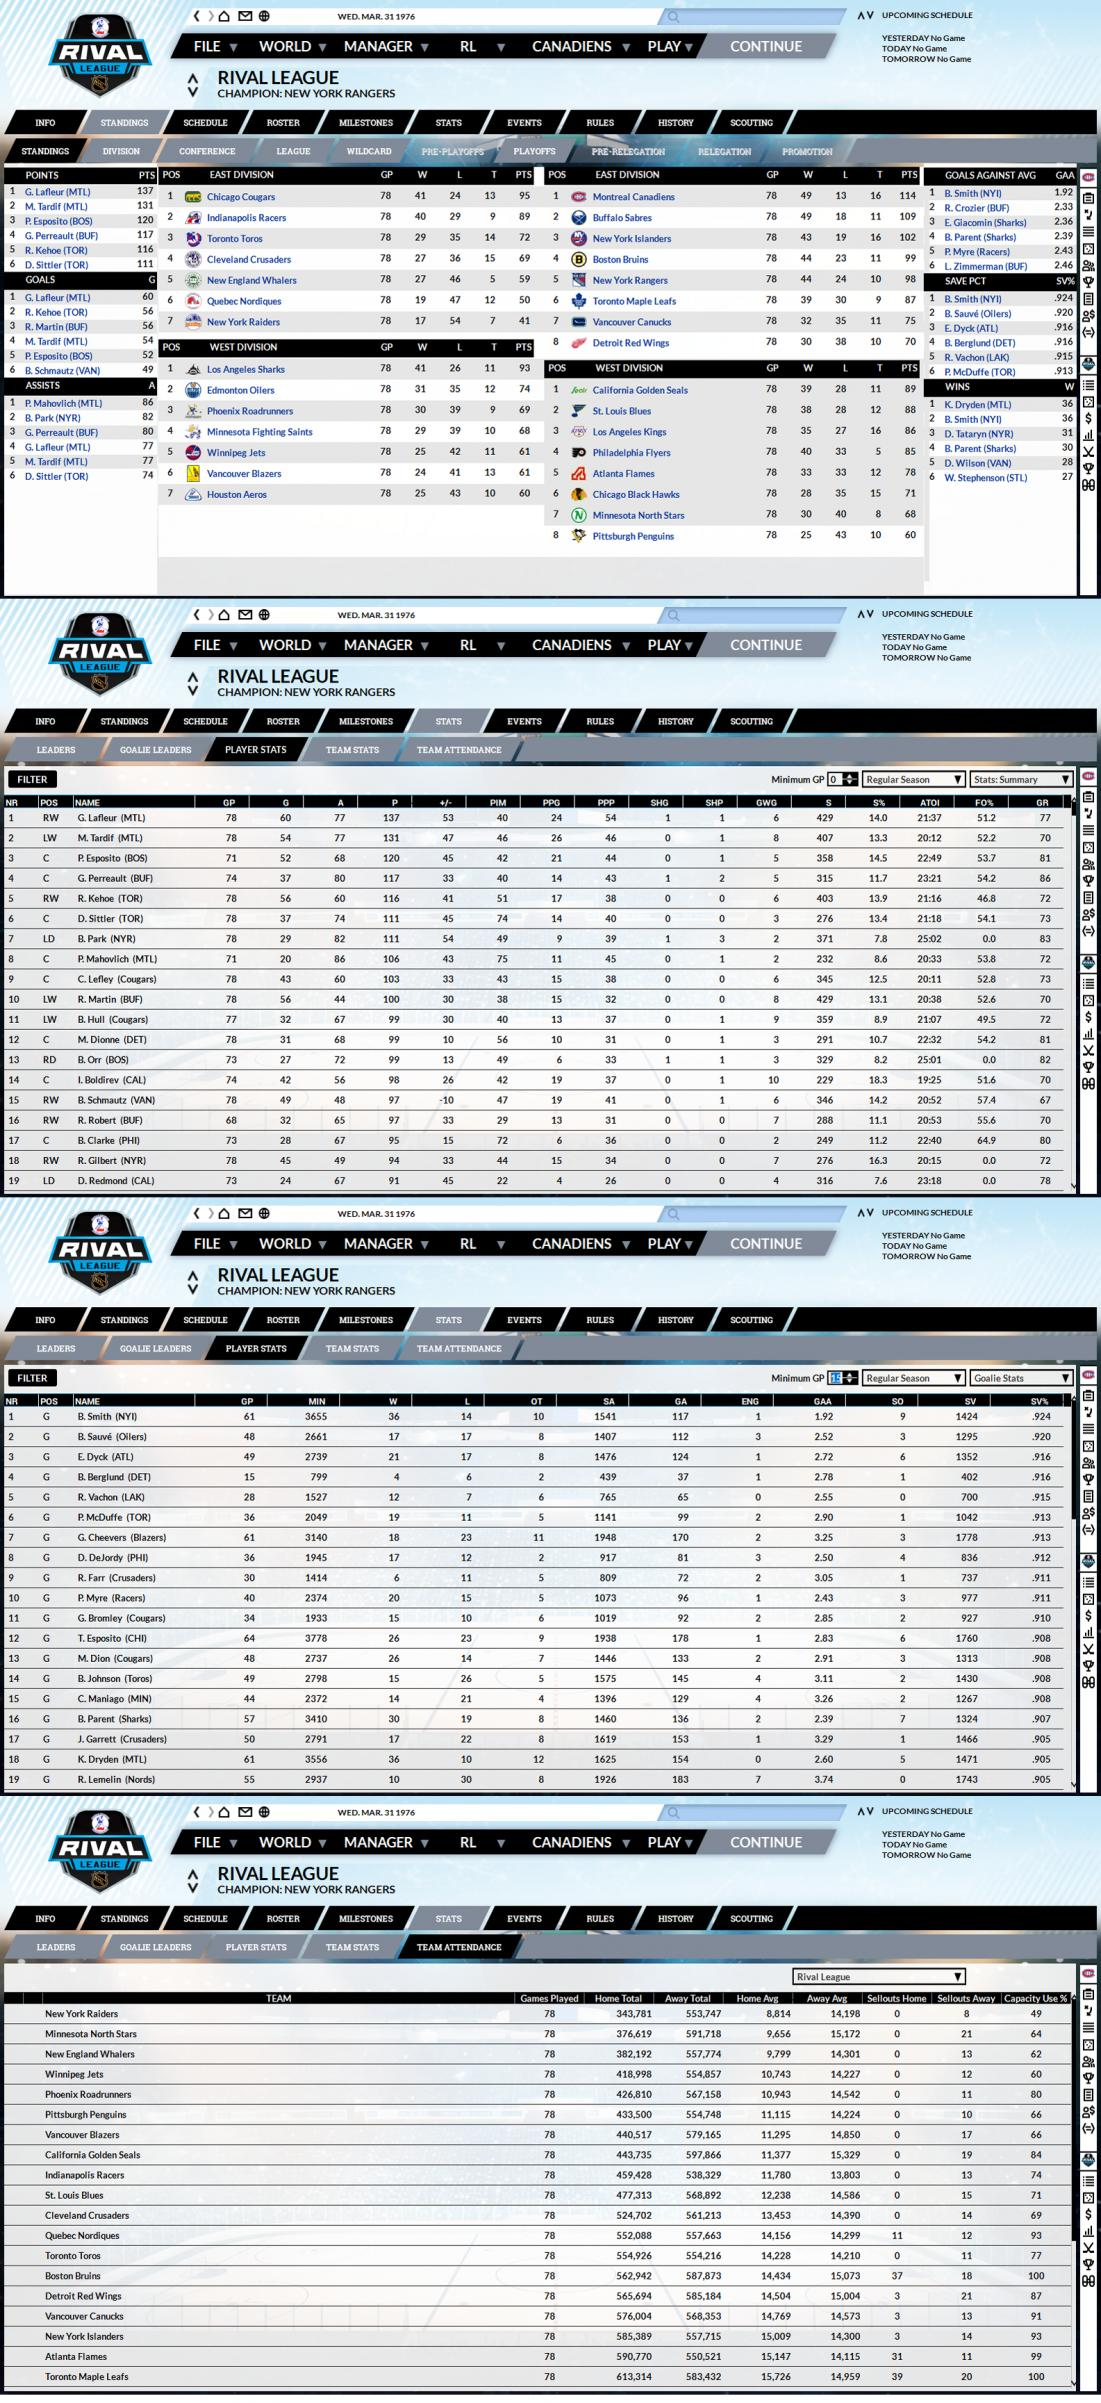 Name:  3. 1975-76 Season Final Stats - The Rival League.jpg Views: 357 Size:  512.1 KB